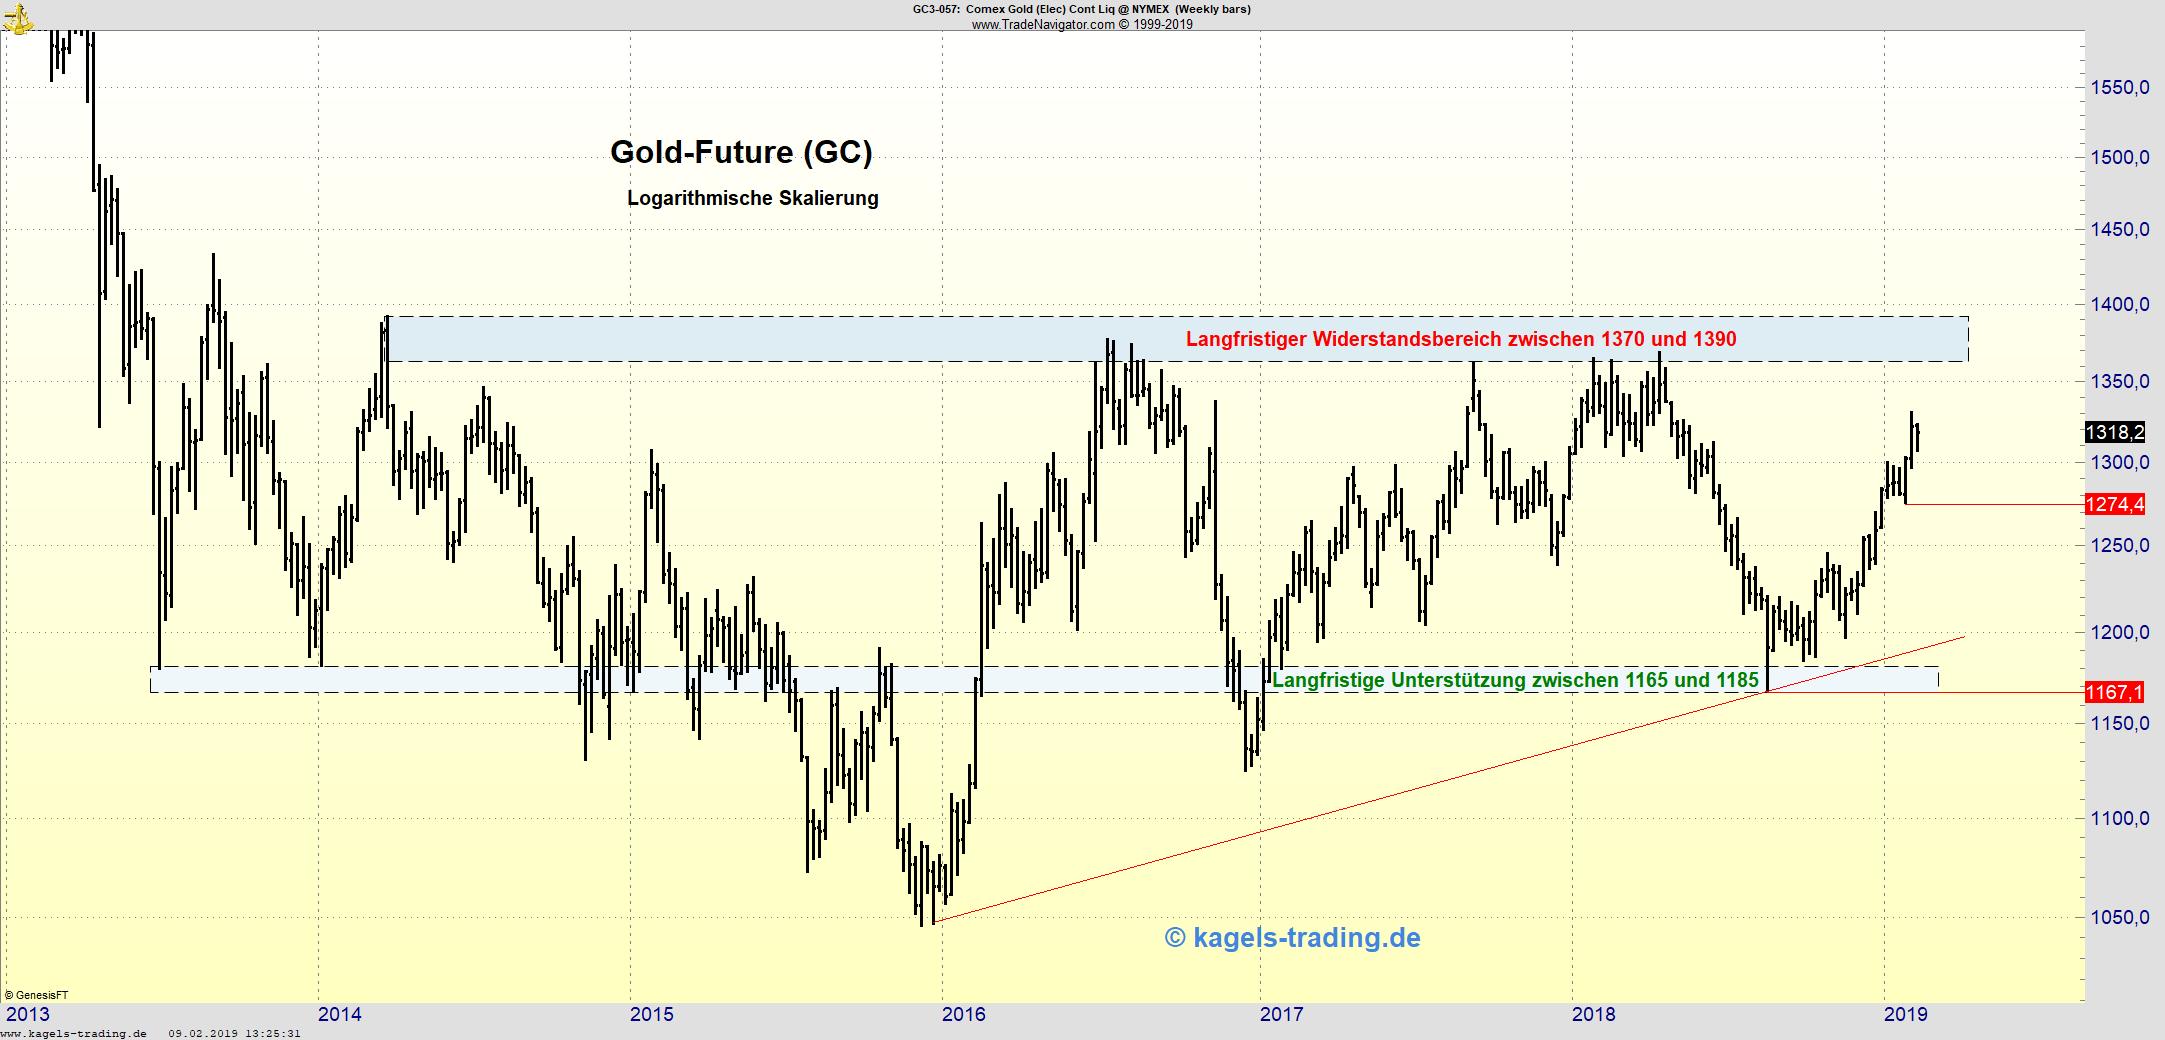 Wochenchart des Gold-Futures in Aufwärtsbewegung